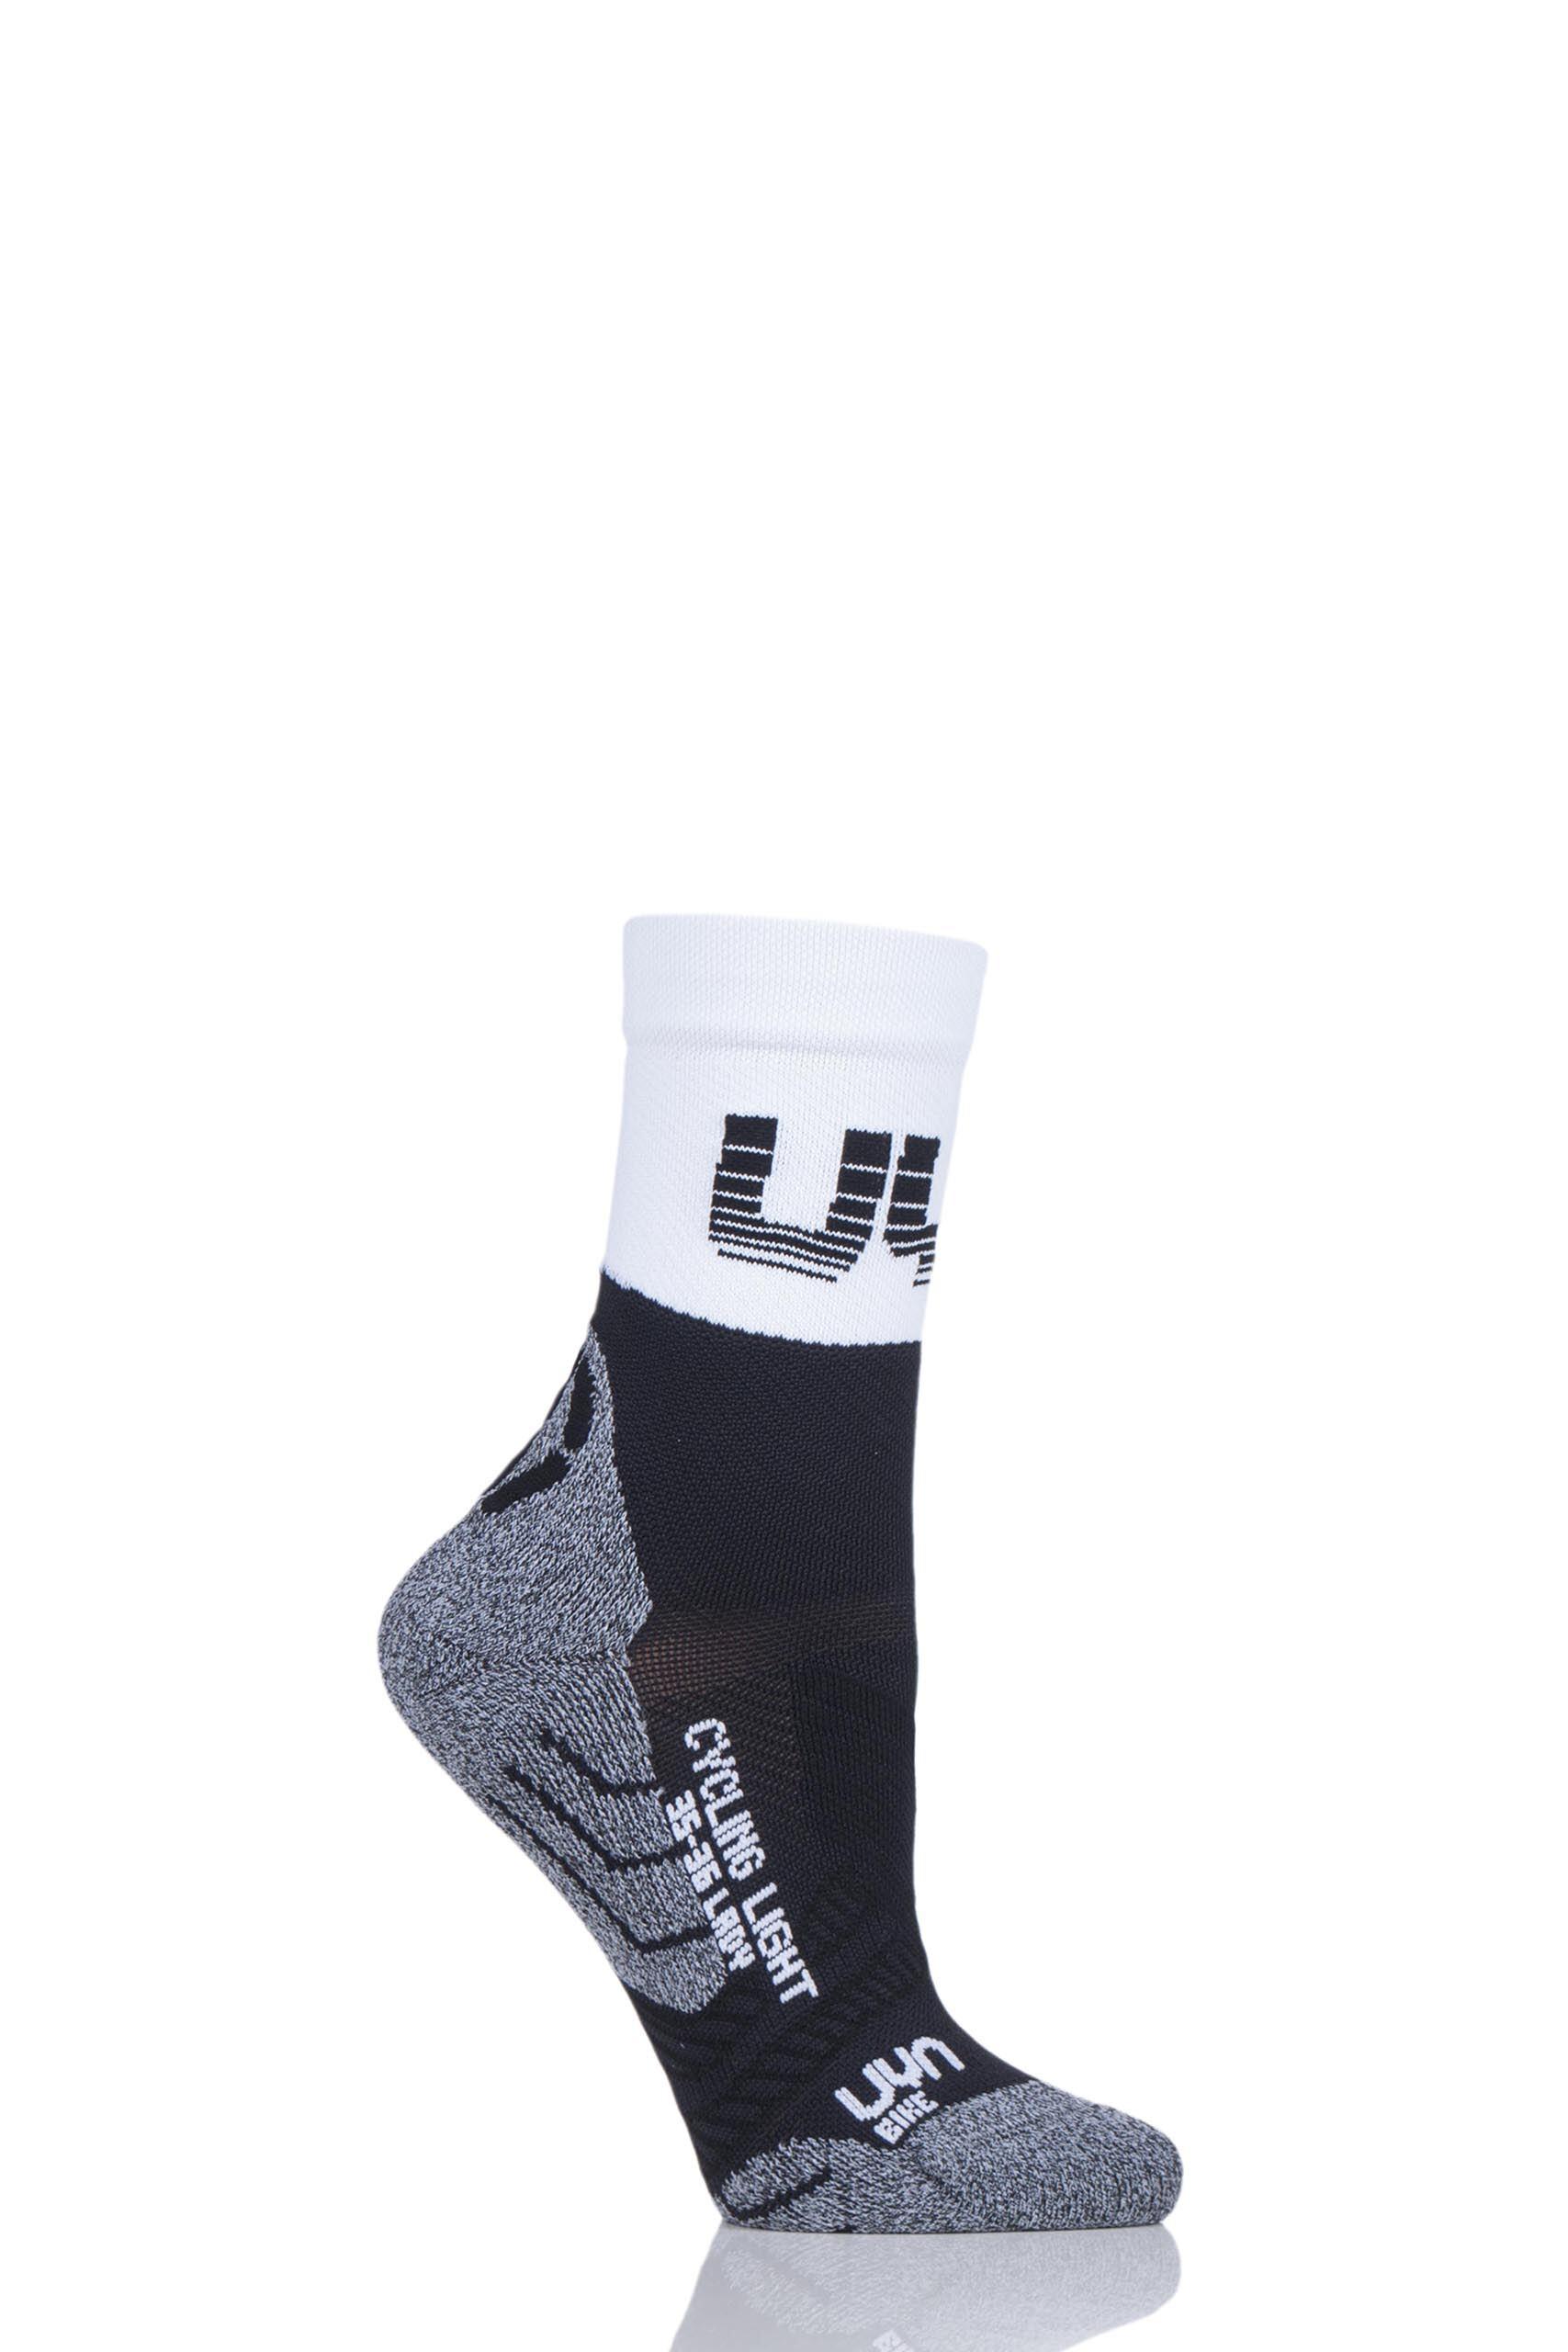 Image of 1 Pair Black Cycling Light Weight Socks Ladies 4-5 Ladies - UYN